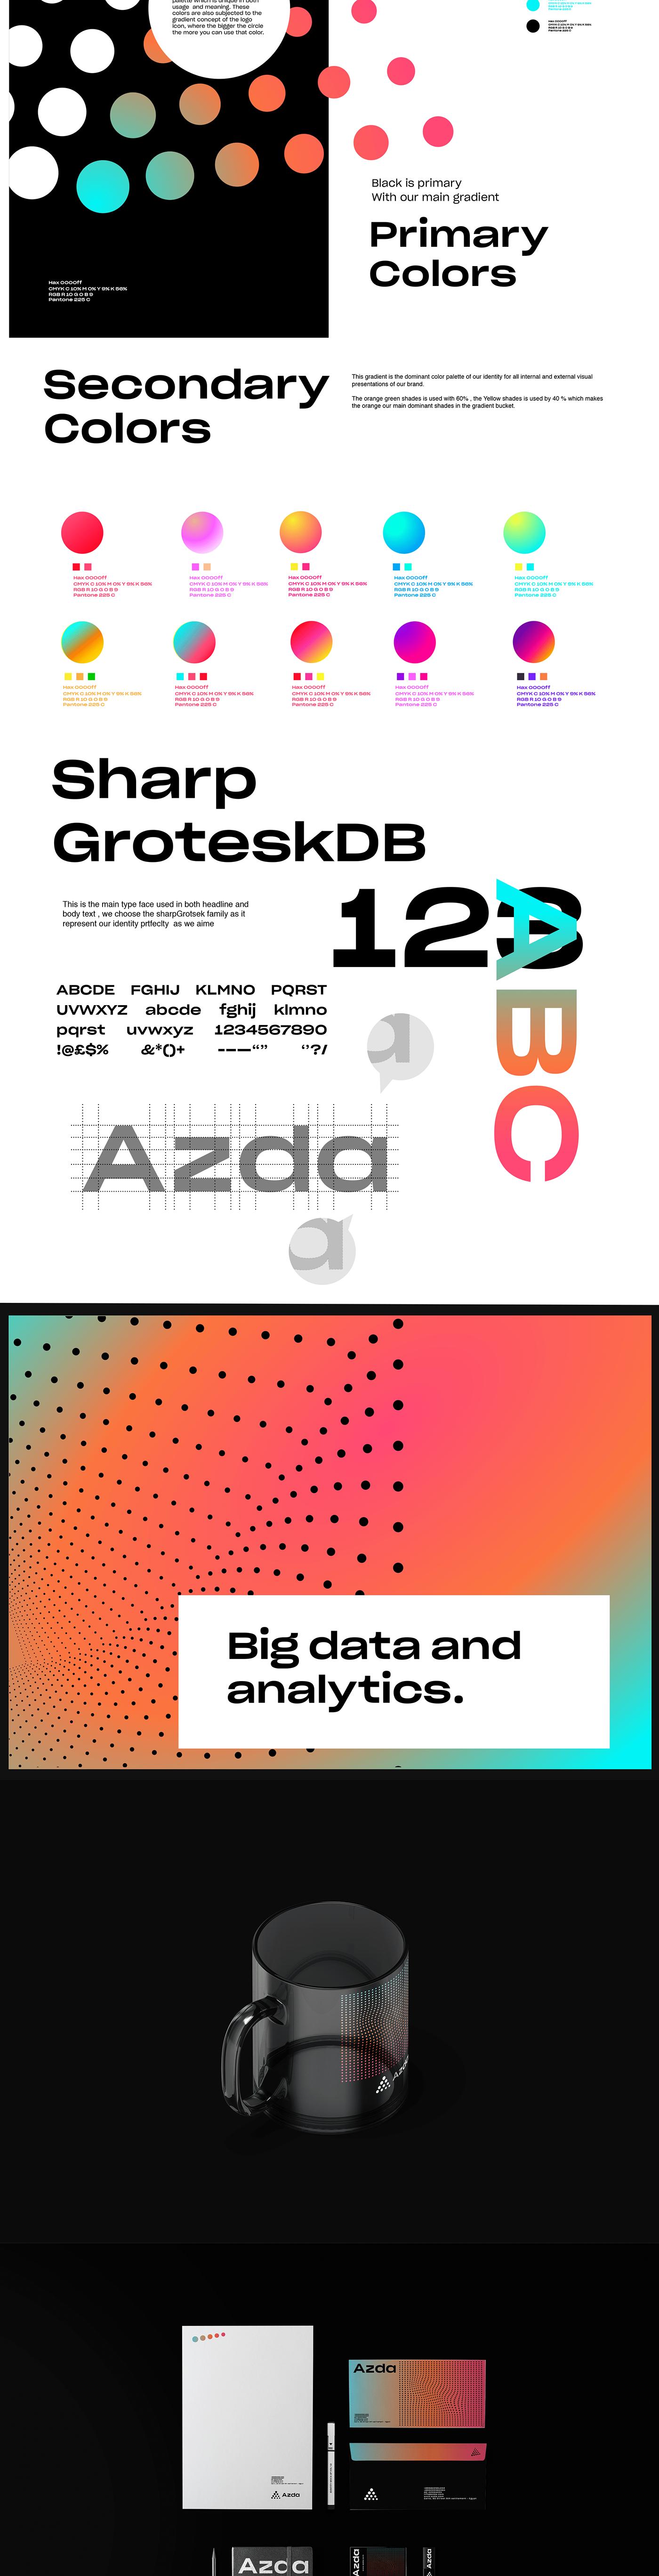 branding  data analytics Big Data Data logo brand